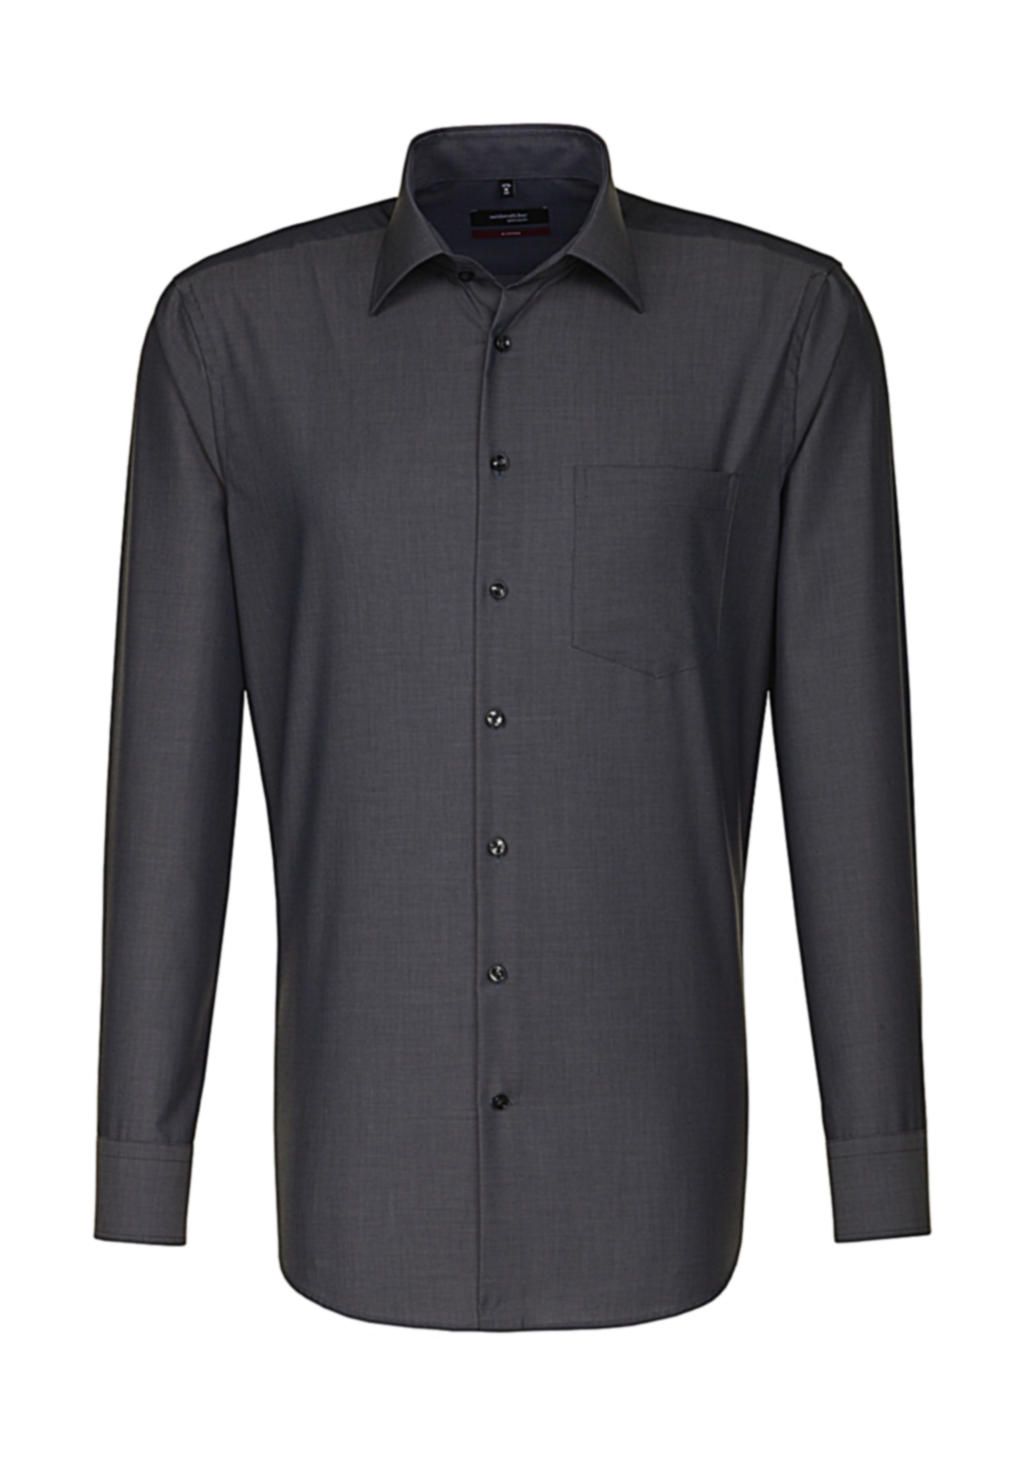 Košile Splendesto s dlouhým rukávem - zvìtšit obrázek